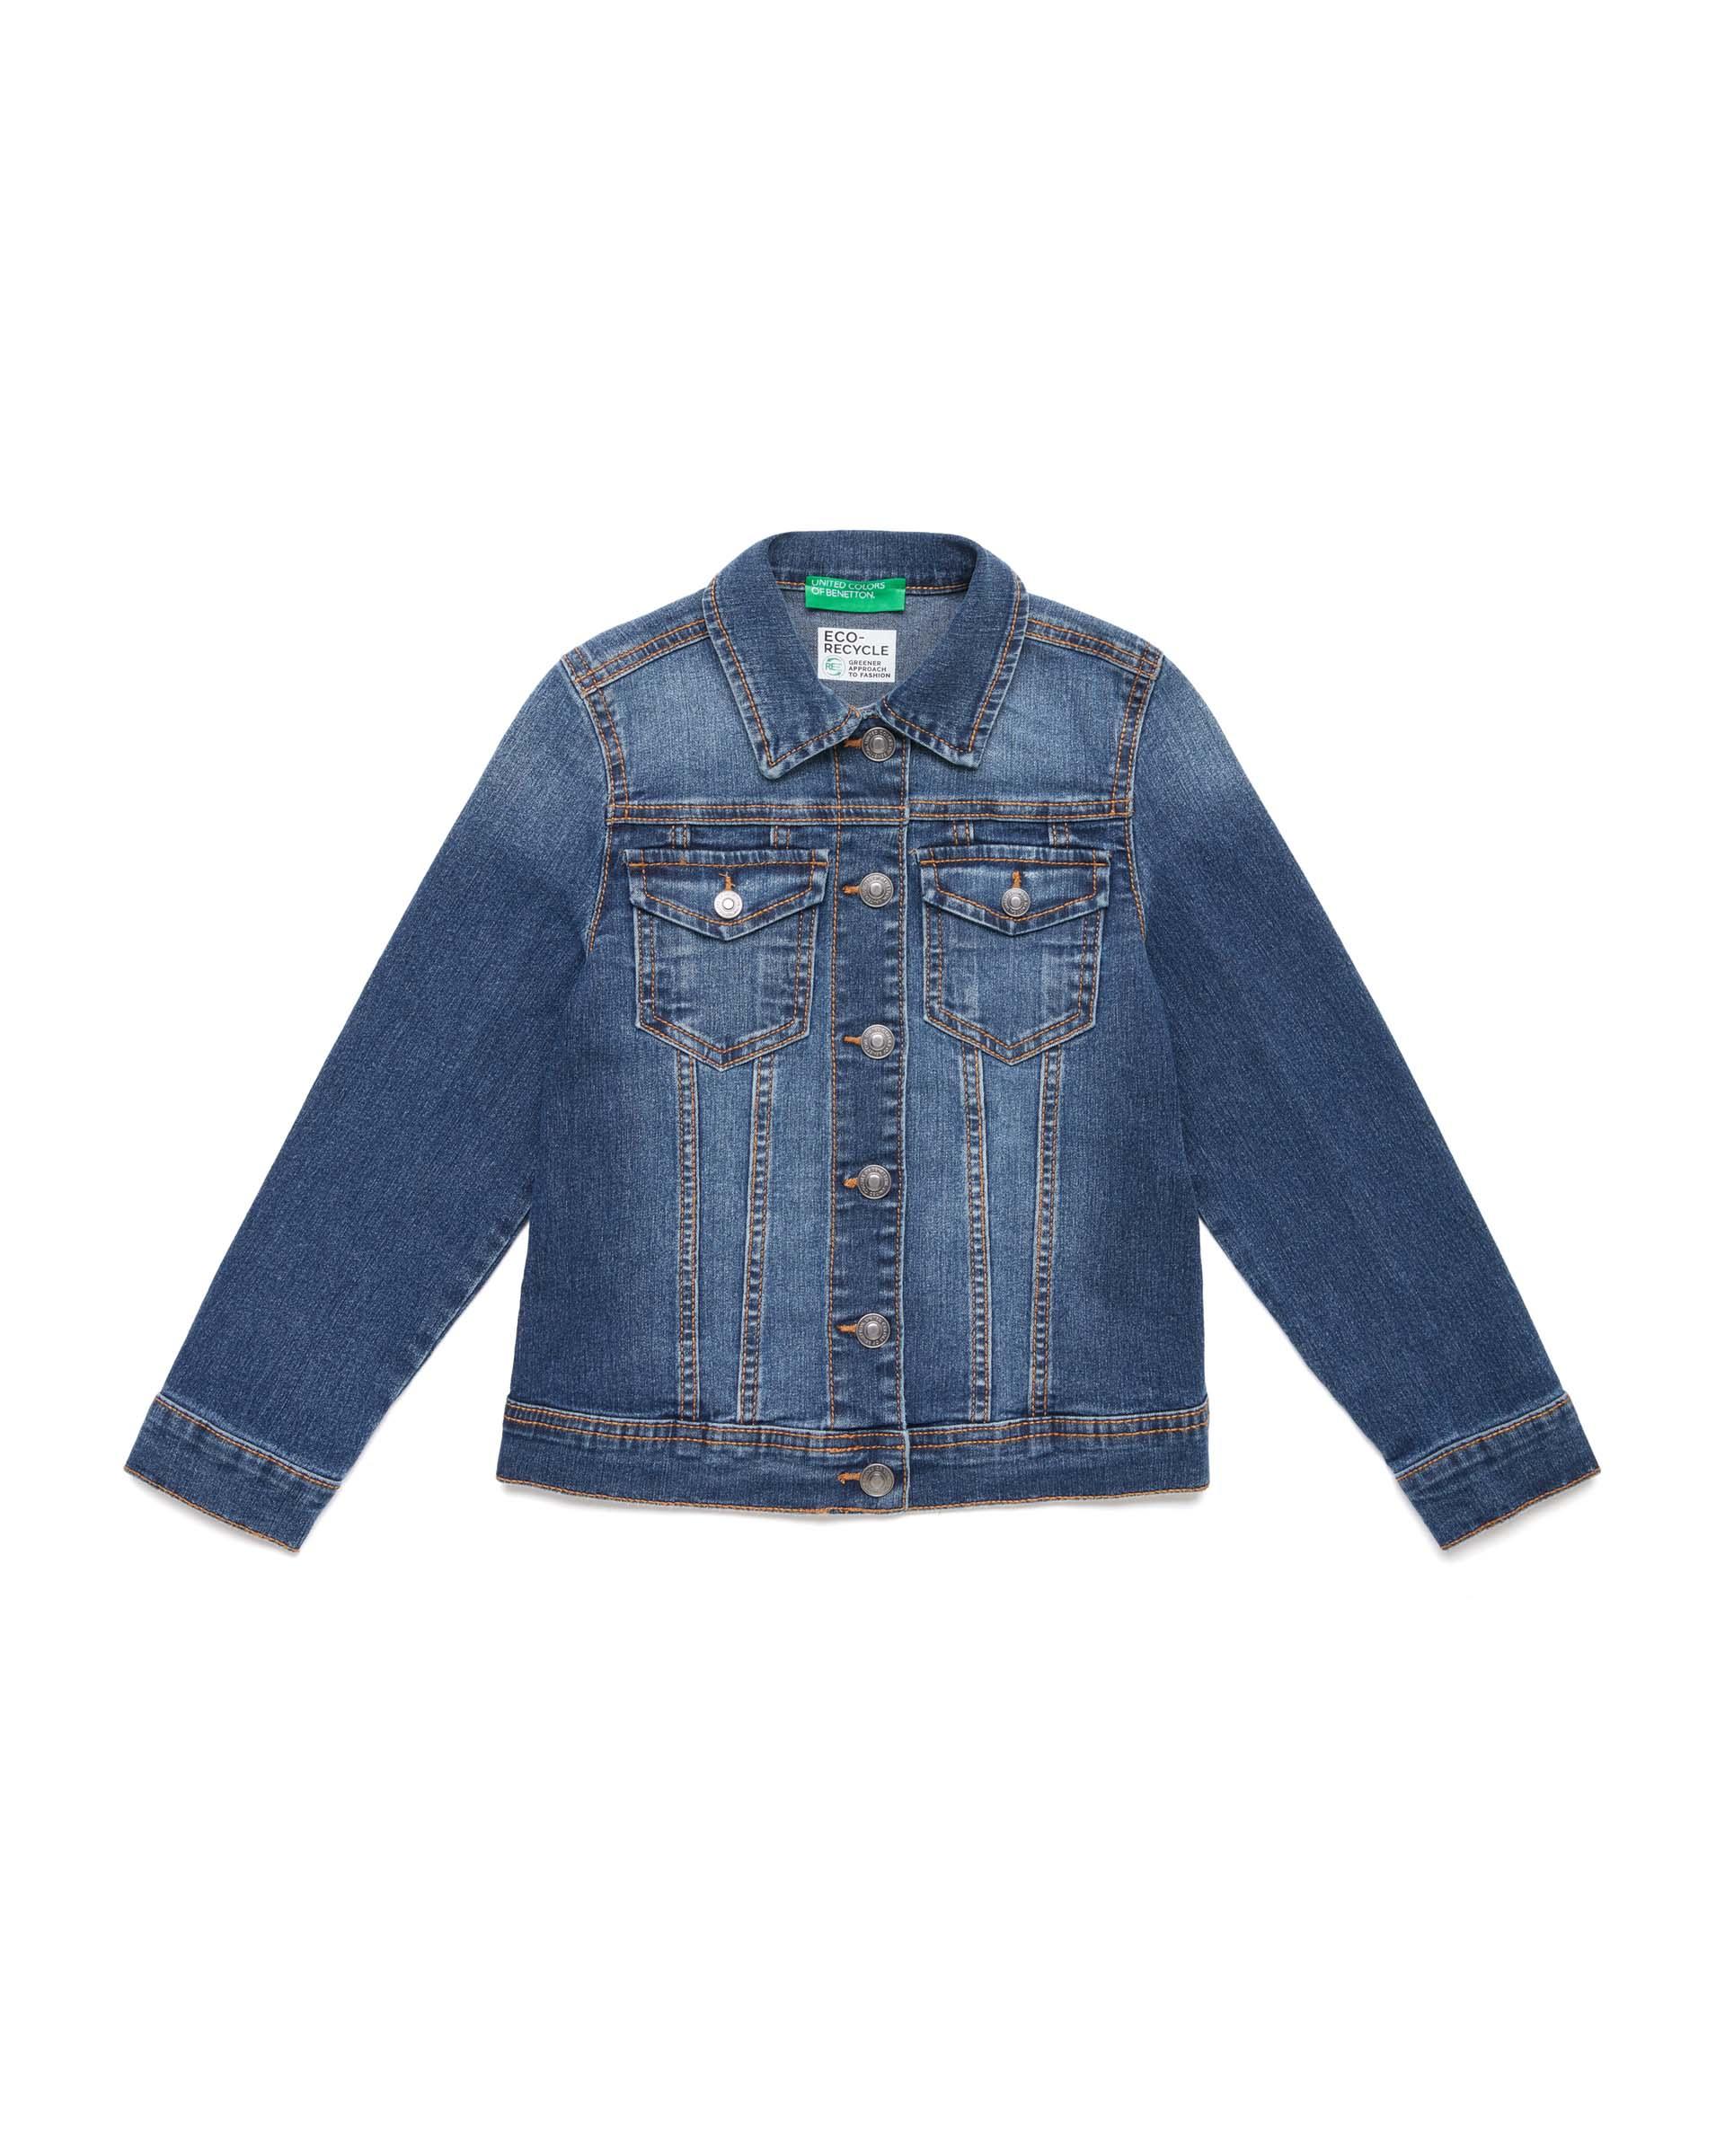 Купить 20P_2XA253HK0_901, Джинсовая куртка для девочек Benetton 2XA253HK0_901 р-р 152, United Colors of Benetton, Куртки для девочек